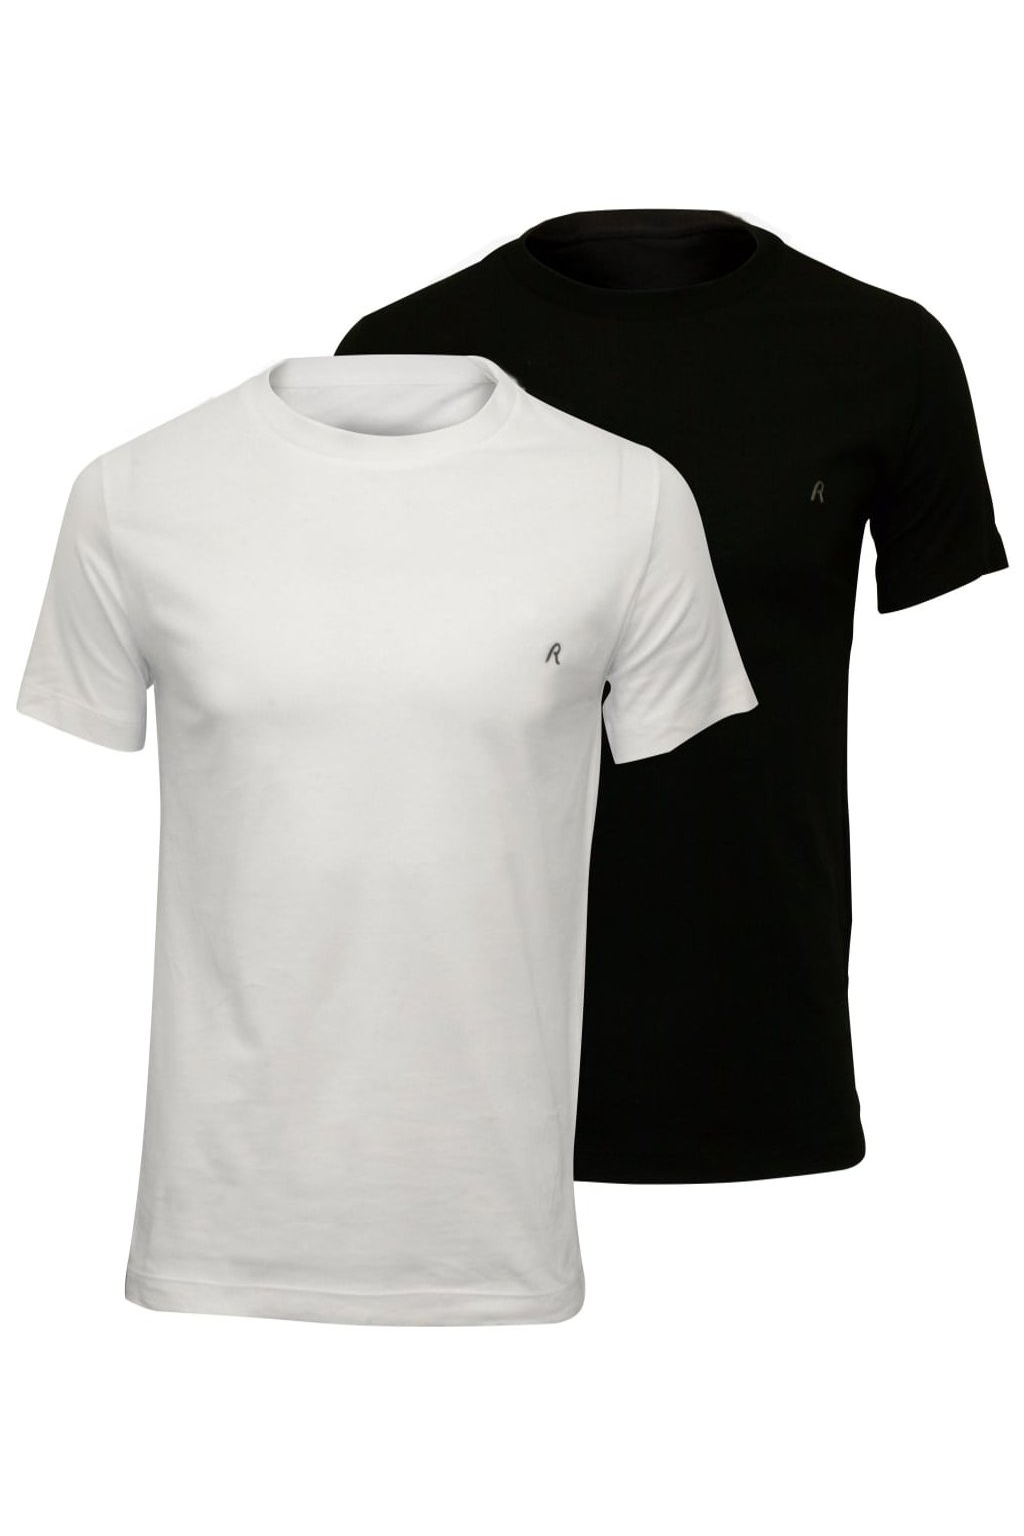 Pánské tričko Replay mini logo